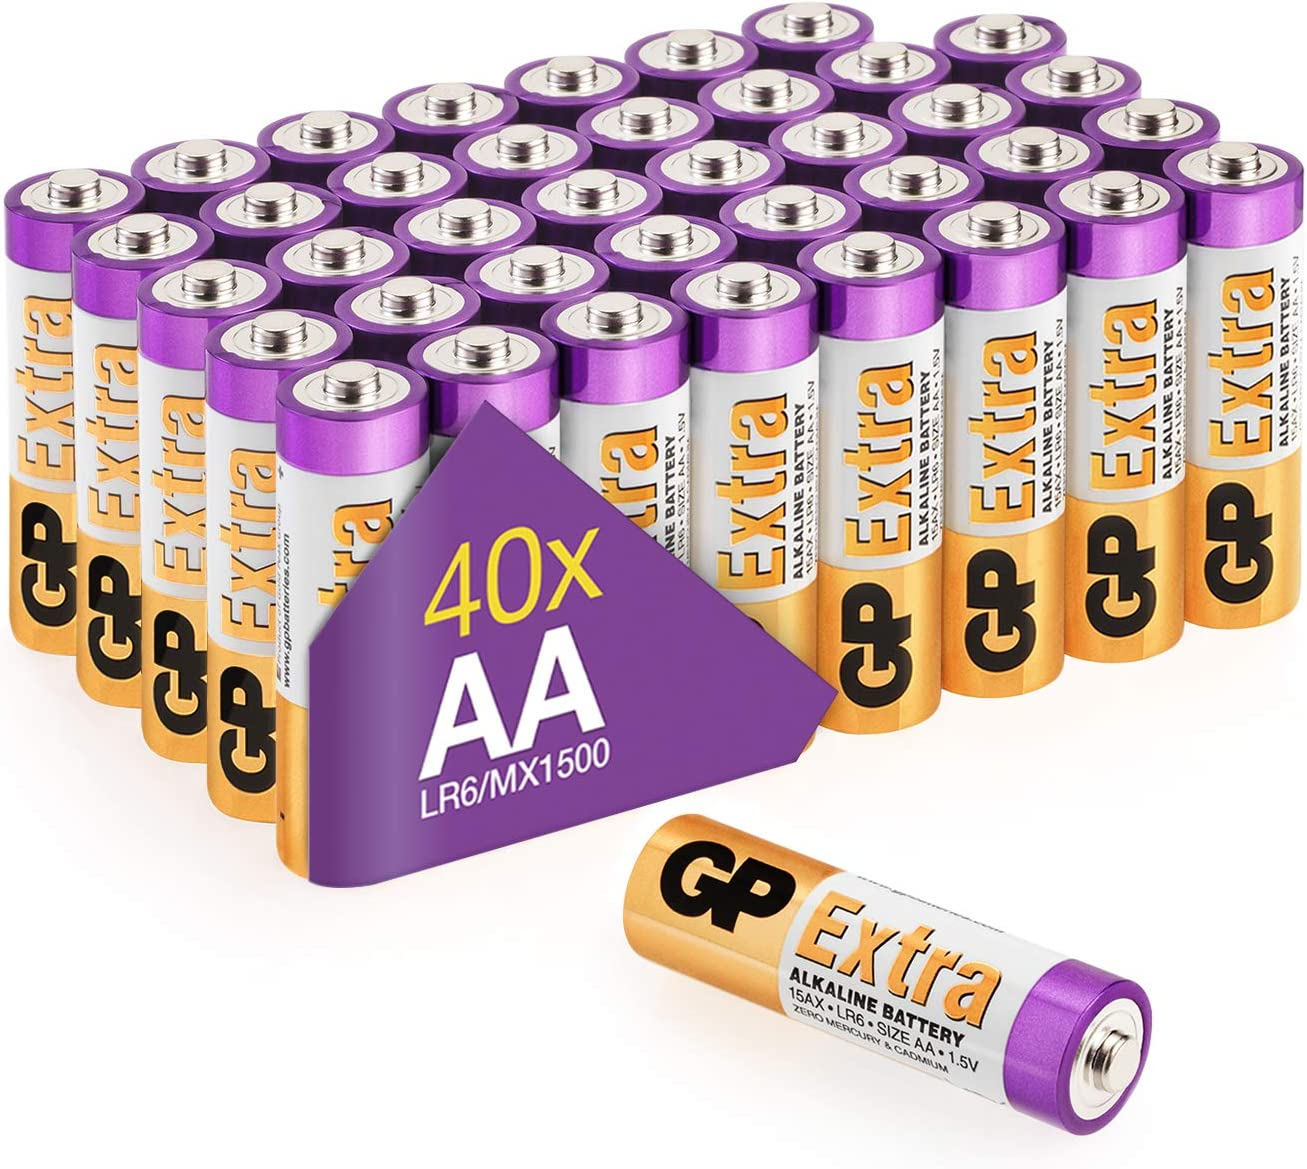 GP - Pack de 40 Pilas AA Alcalinas | Capacidad y duración excepcional | 1,5V LR06 - Mignon - MN1500-15A - AM3